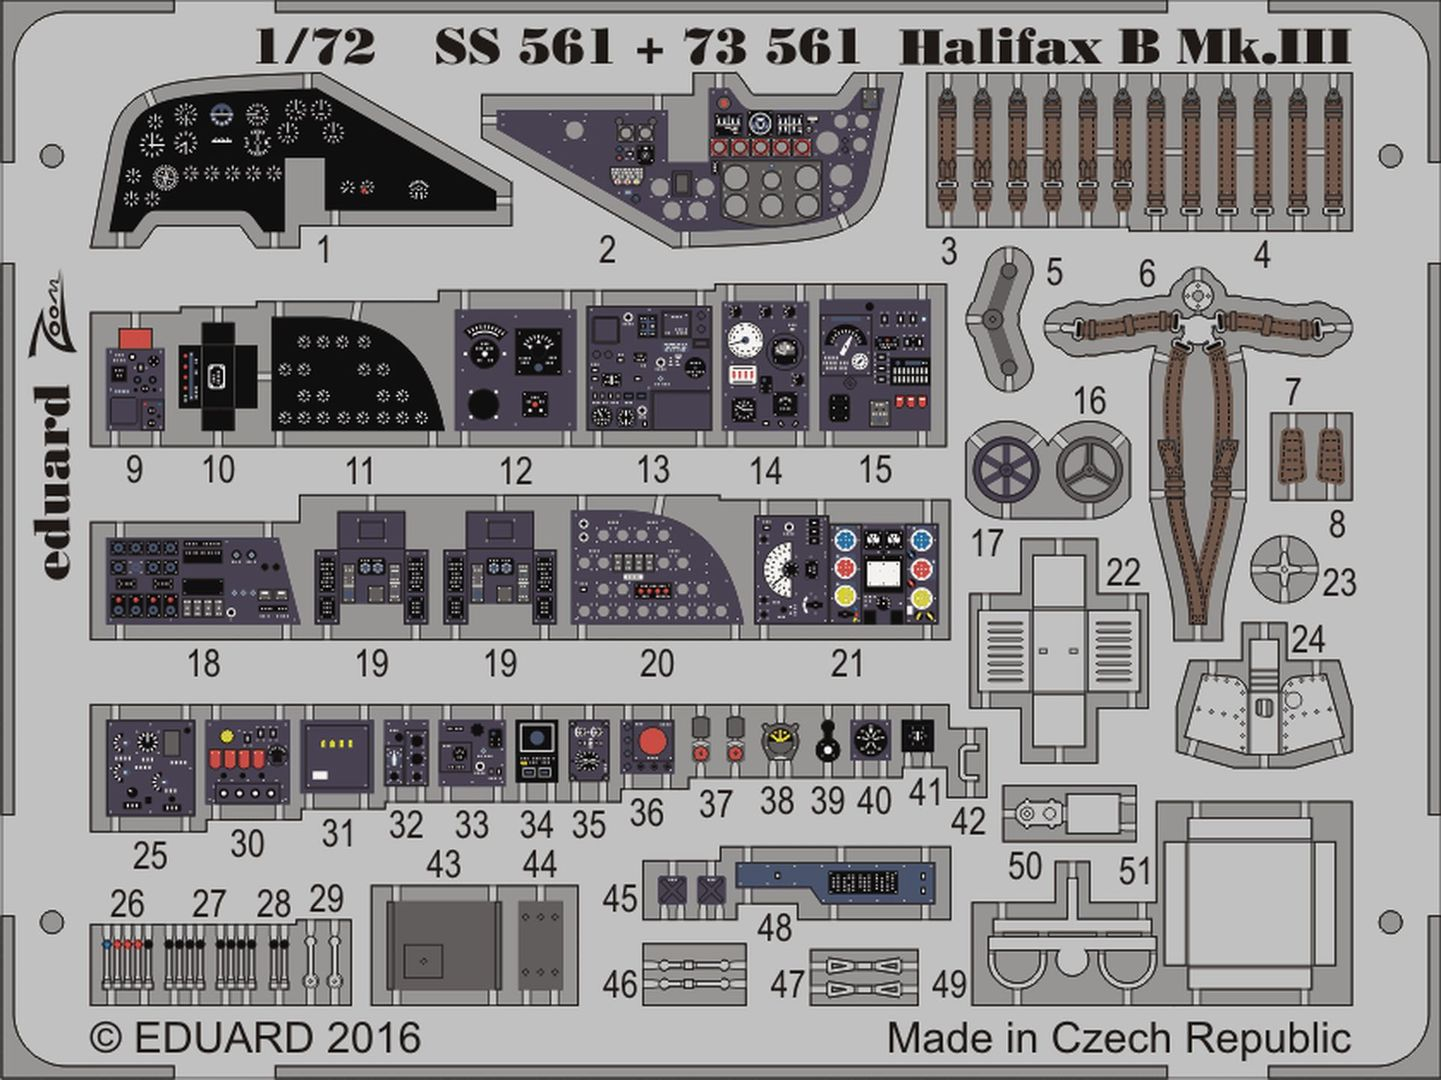 HALIFAX B MK.III